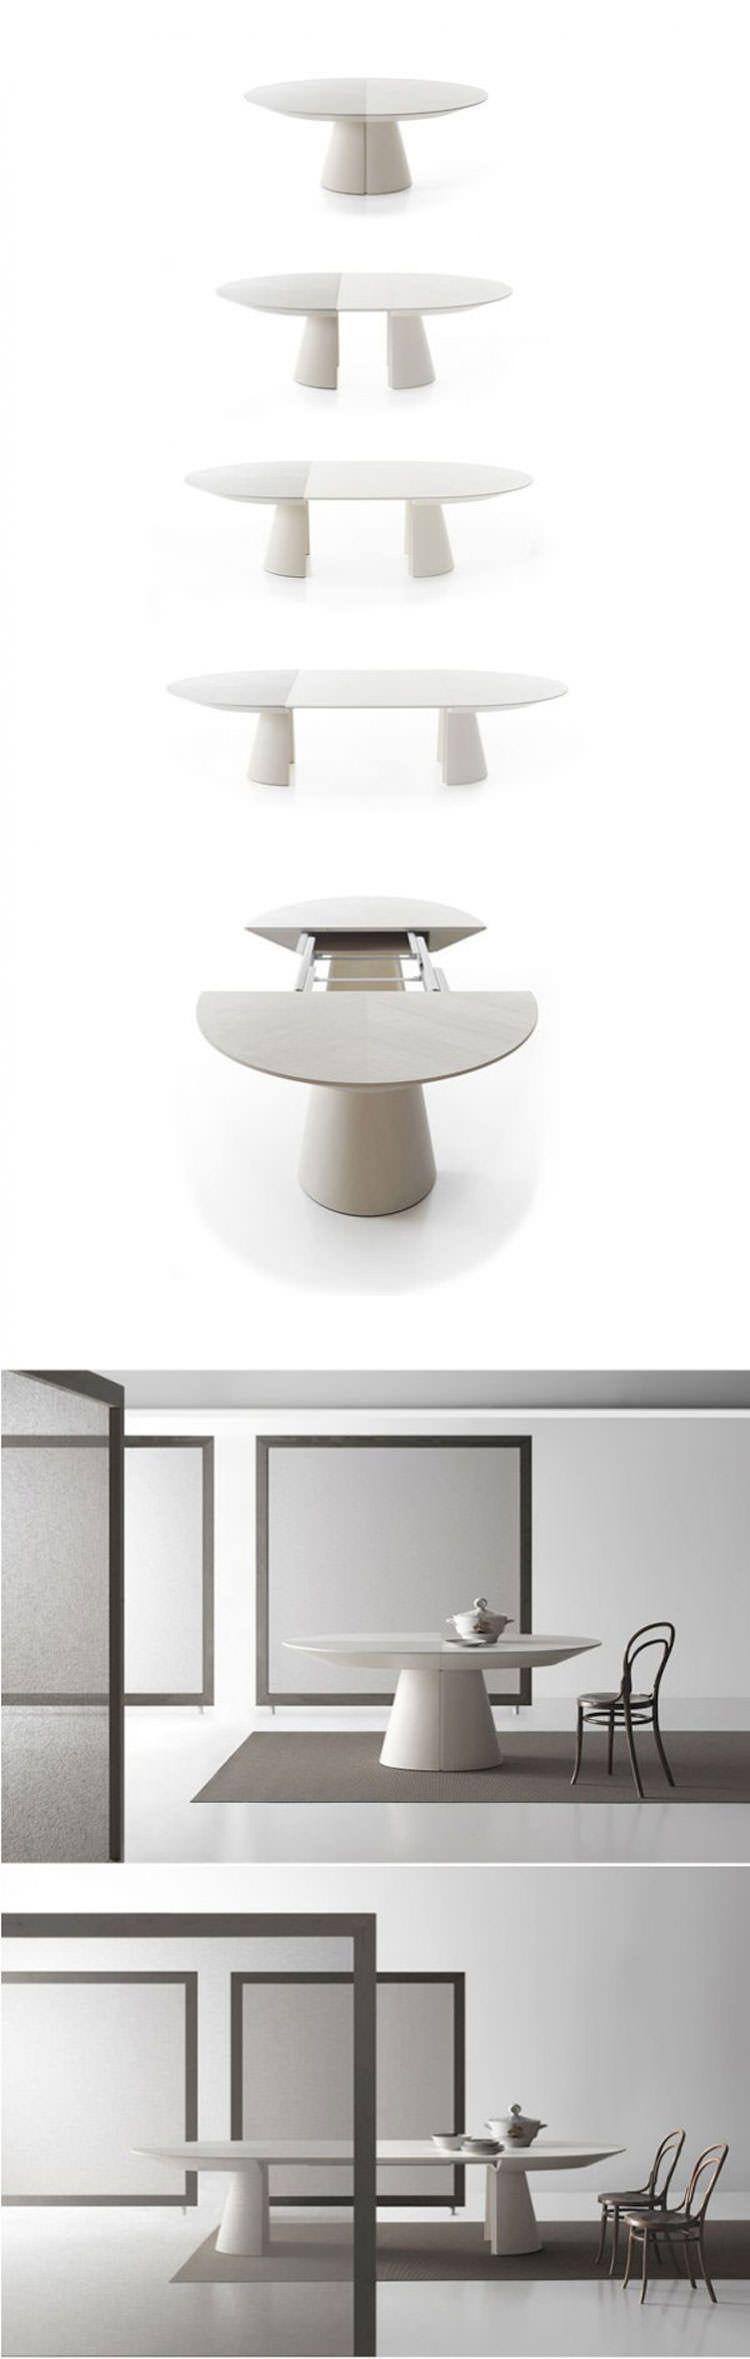 Dimensioni Tavolo Pranzo 12 Persone 35 tavoli allungabili moderni dal design particolare